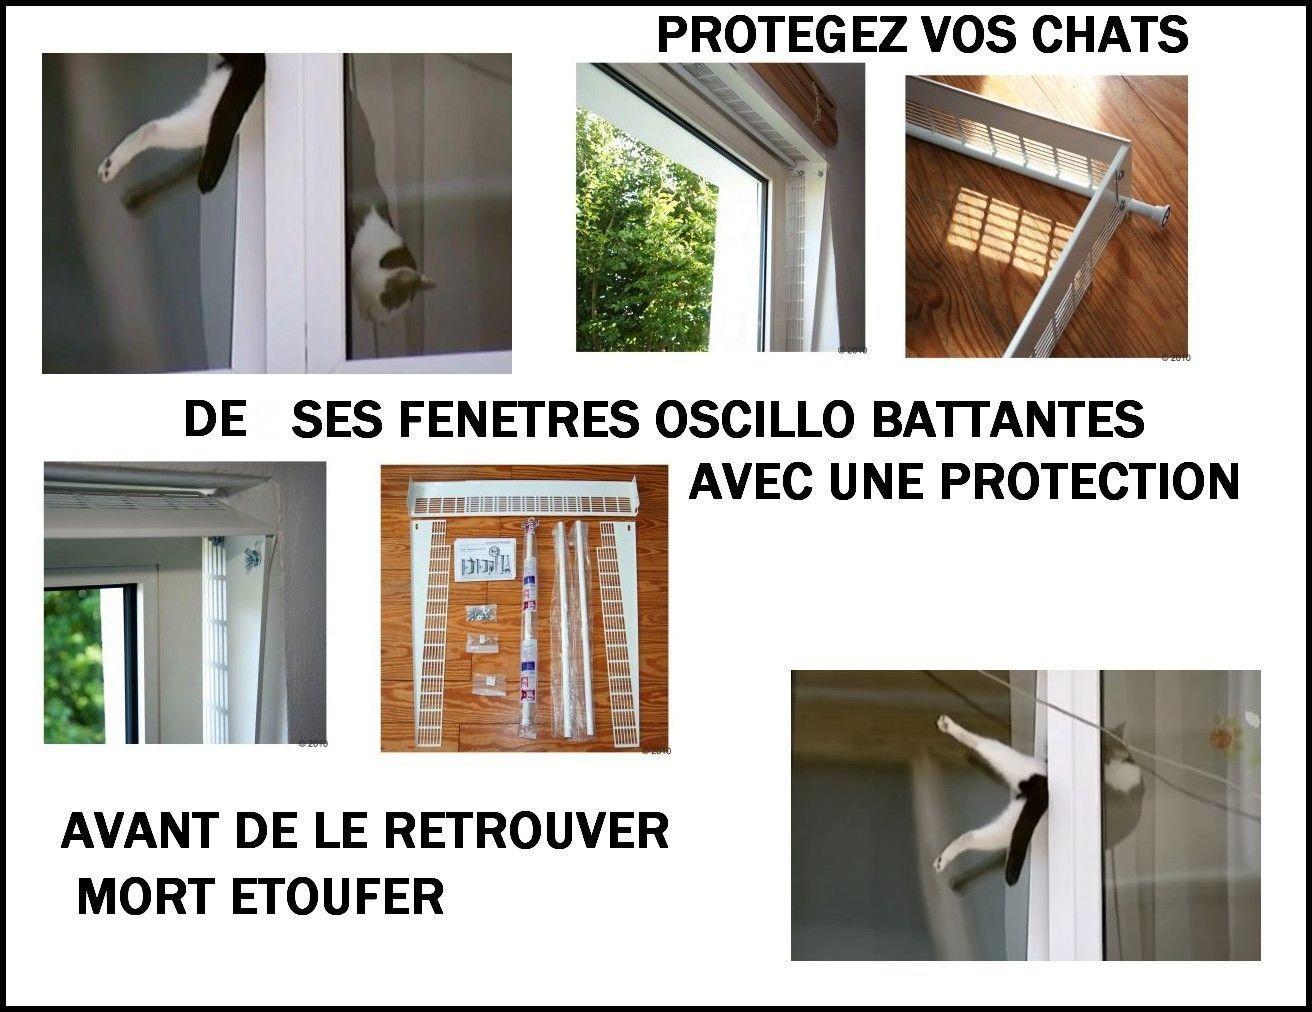 6 fenetre oscillo abattante danger pour nos chats for Fenetre oscillo battant chat